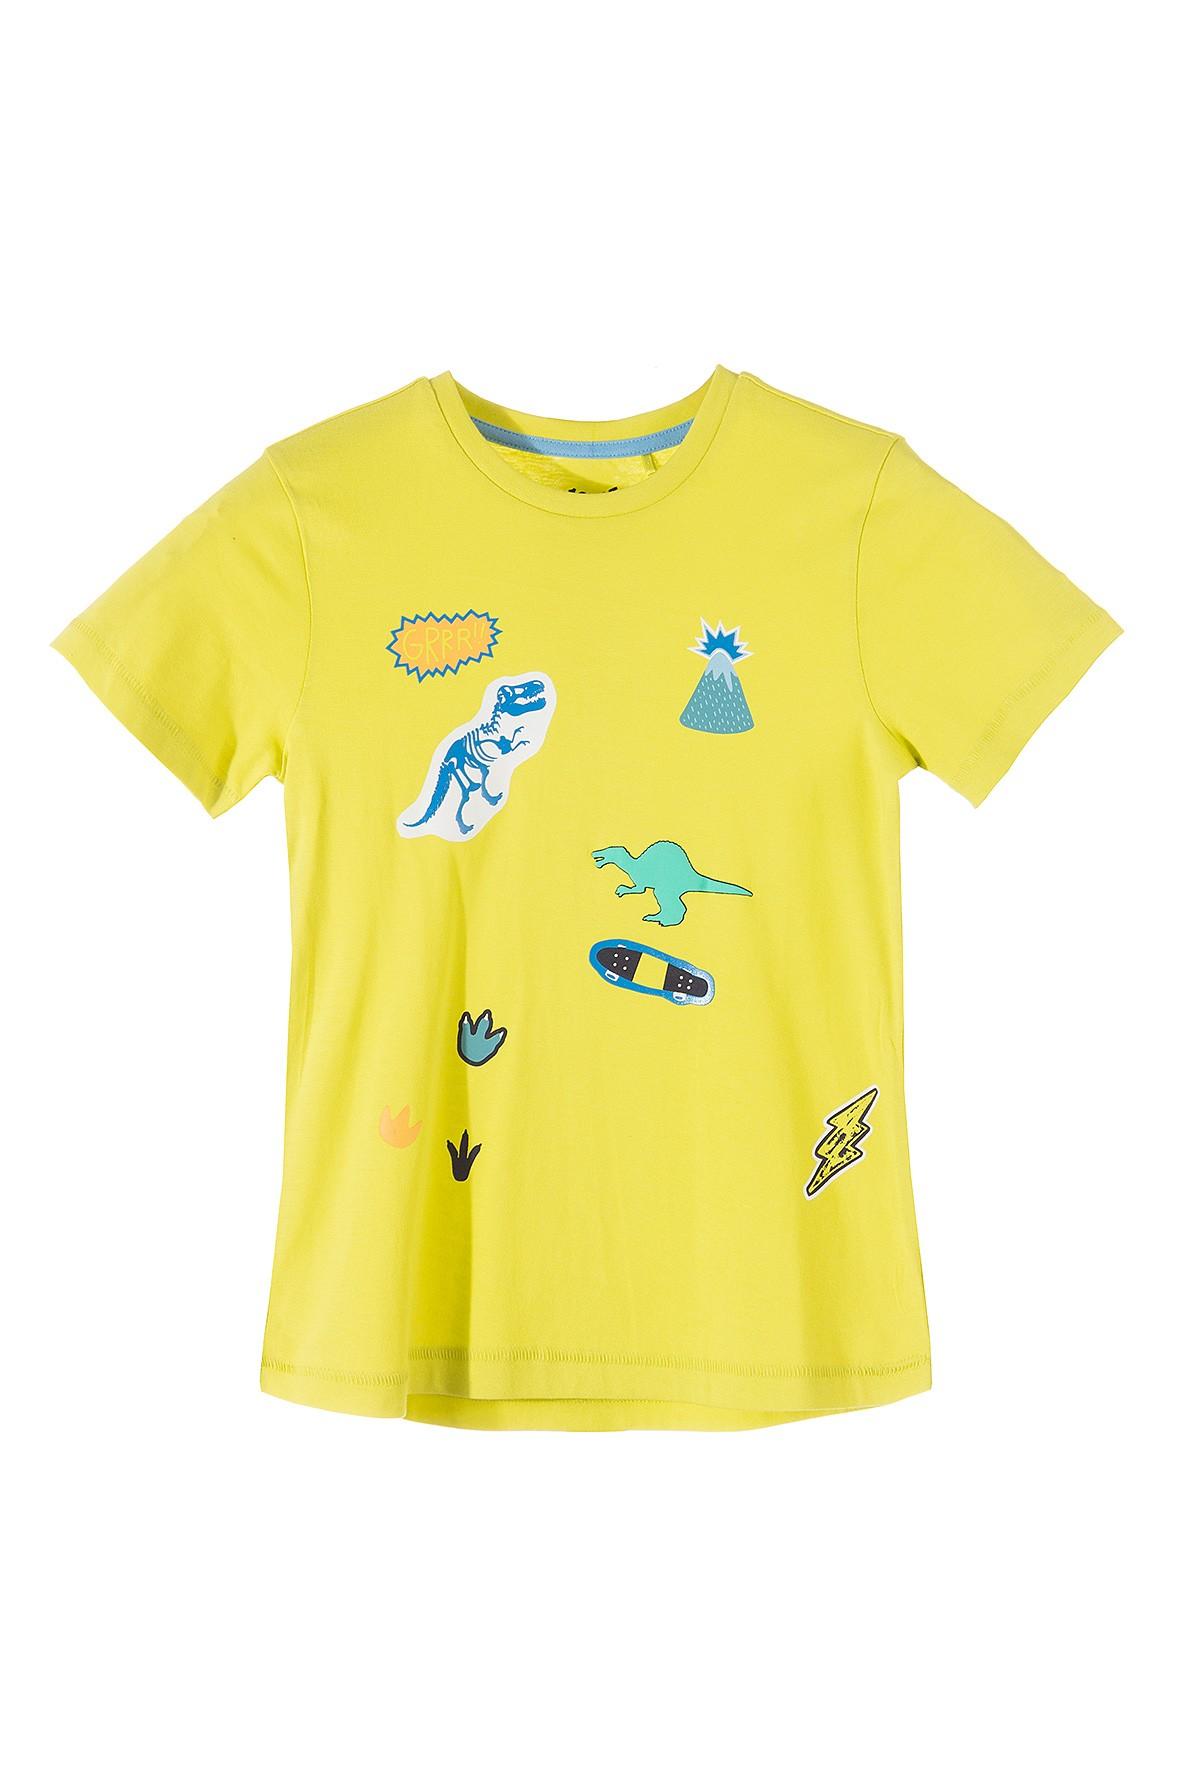 T-shirt chłopięcy 100% bawełna 1I3509